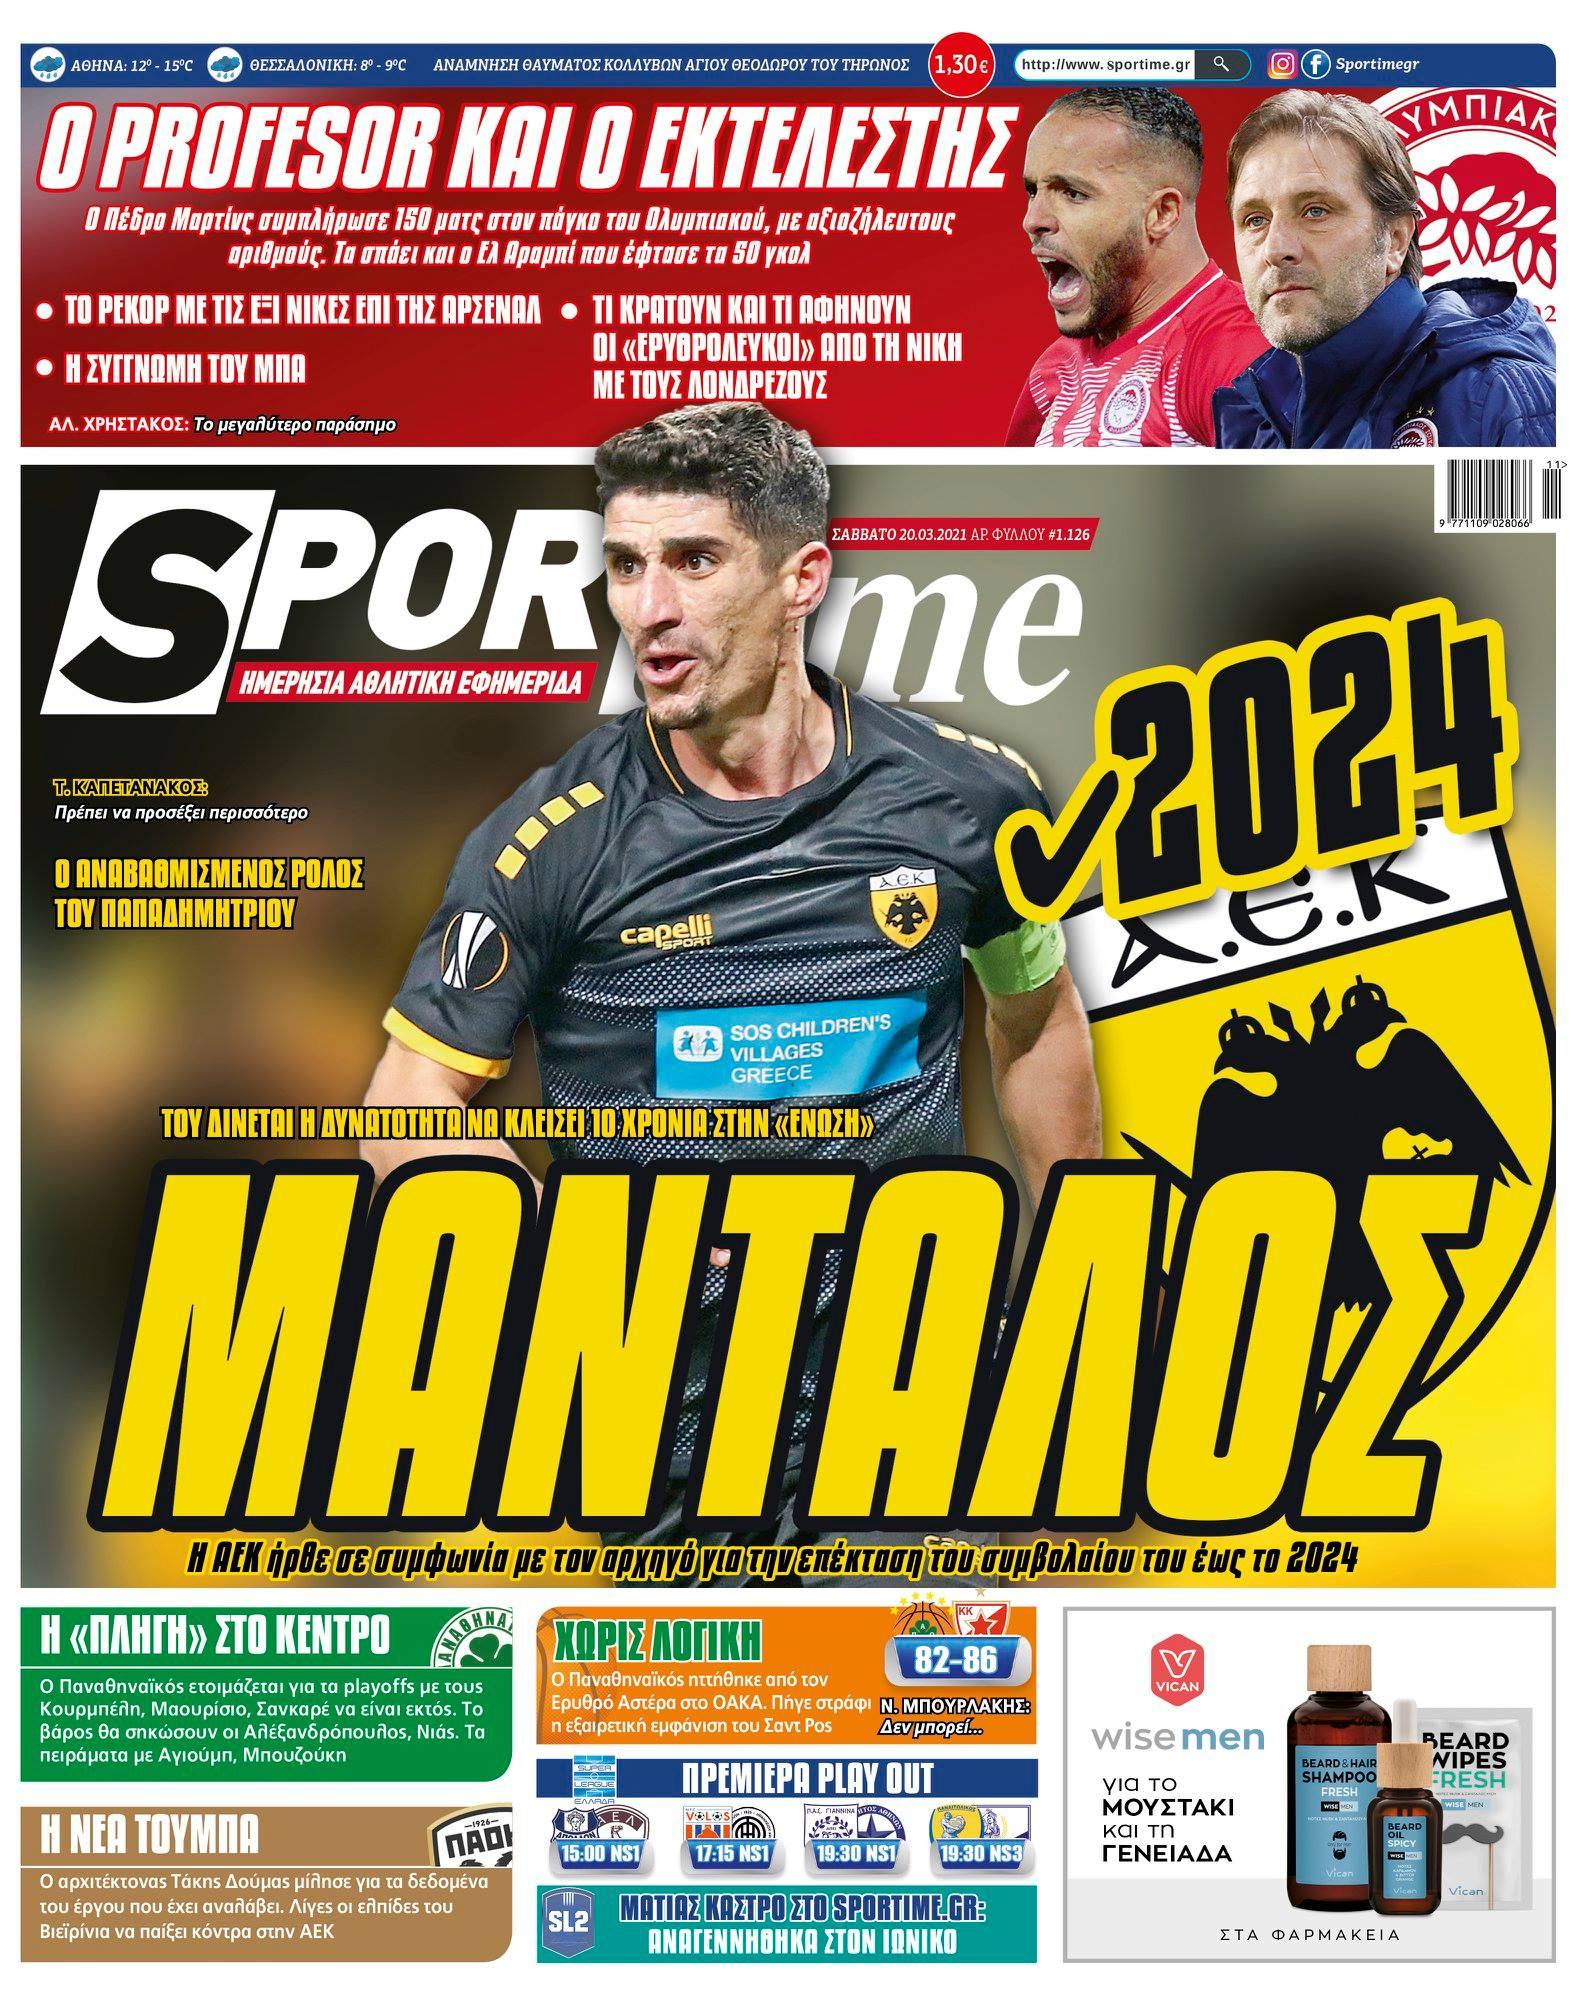 Εφημερίδα SPORTIME - Εξώφυλλο φύλλου 20/3/2021